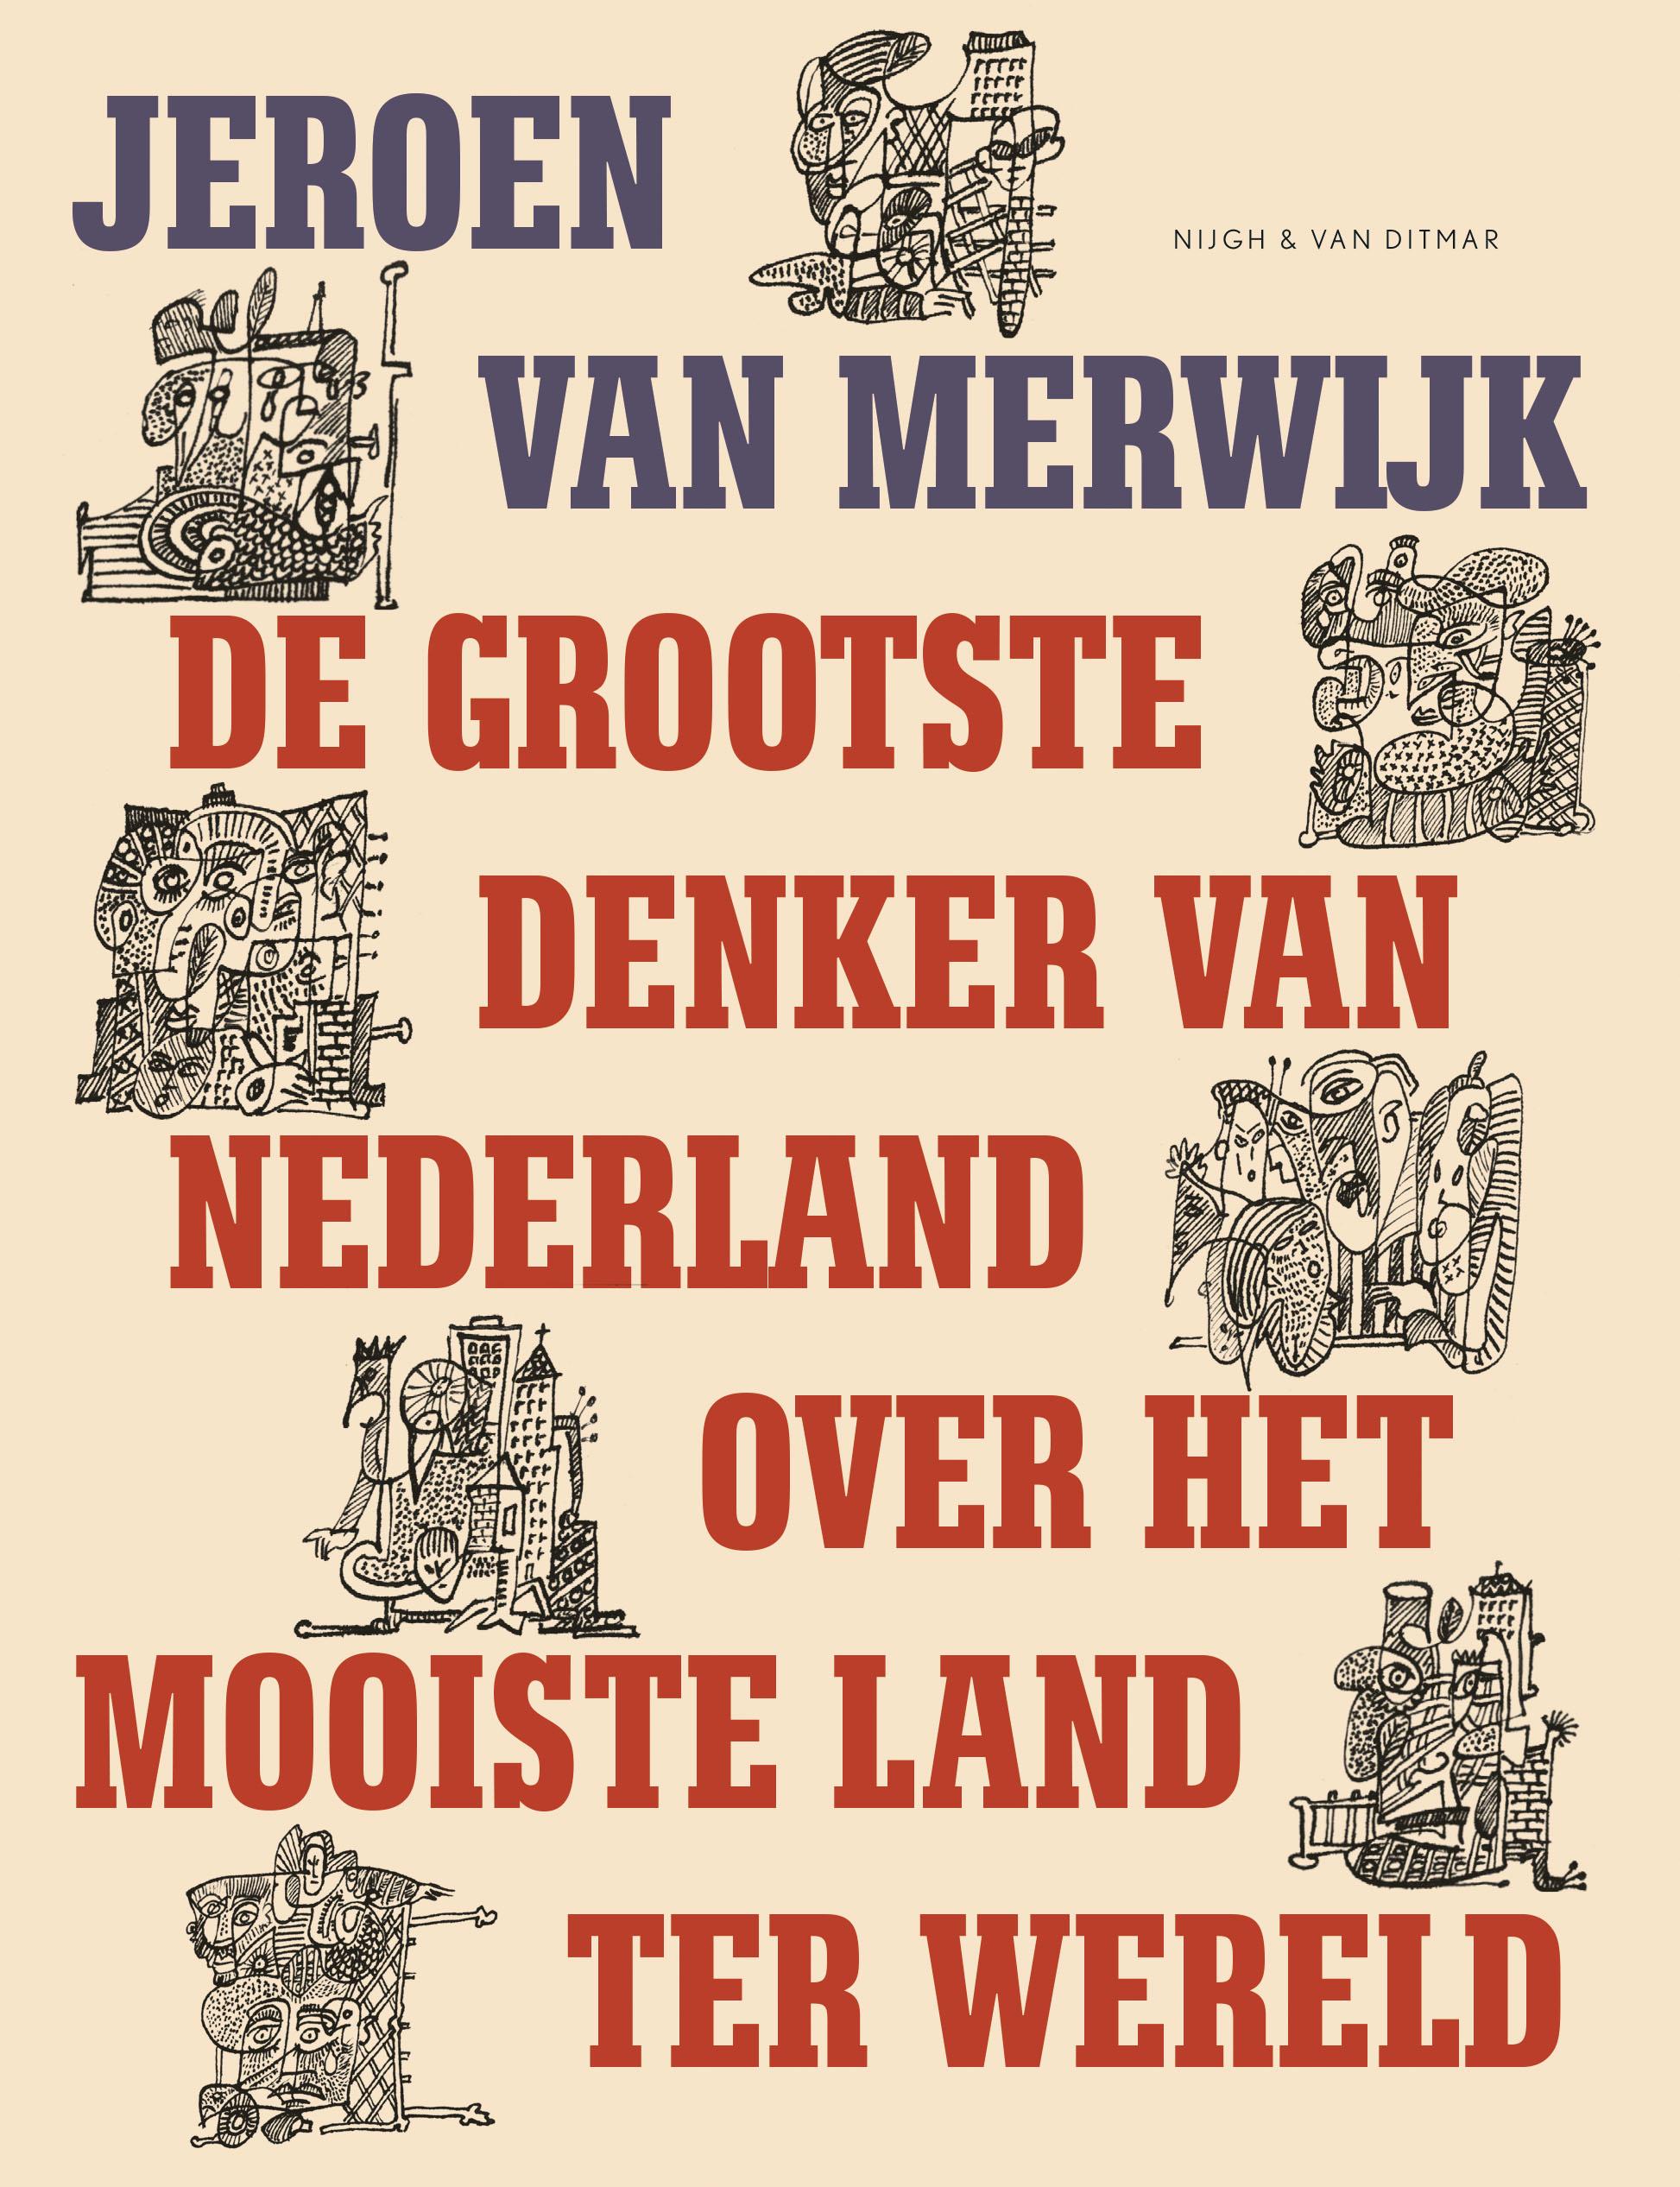 De grootste denker van Nederland over het mooiste land ter wereld – Jeroen van Merwijk